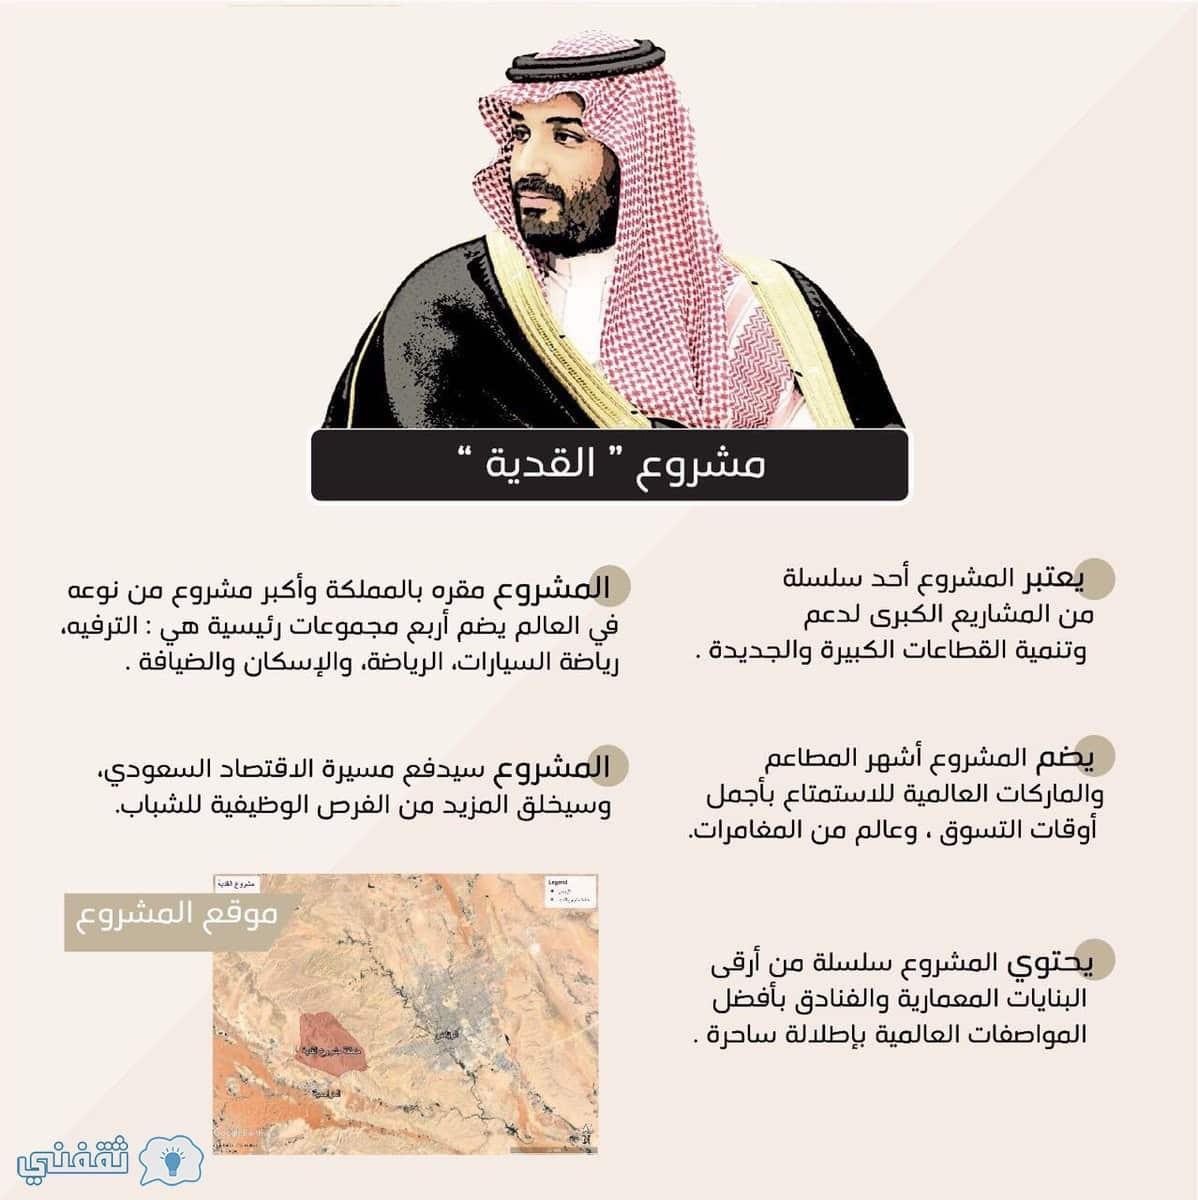 مشروع القدية الجديد six flags : الأمير محمد بن سلمان يذكر تفاصيل أكبر مدينة ترفيهية ثقافية في مدينة القدية بالرياض